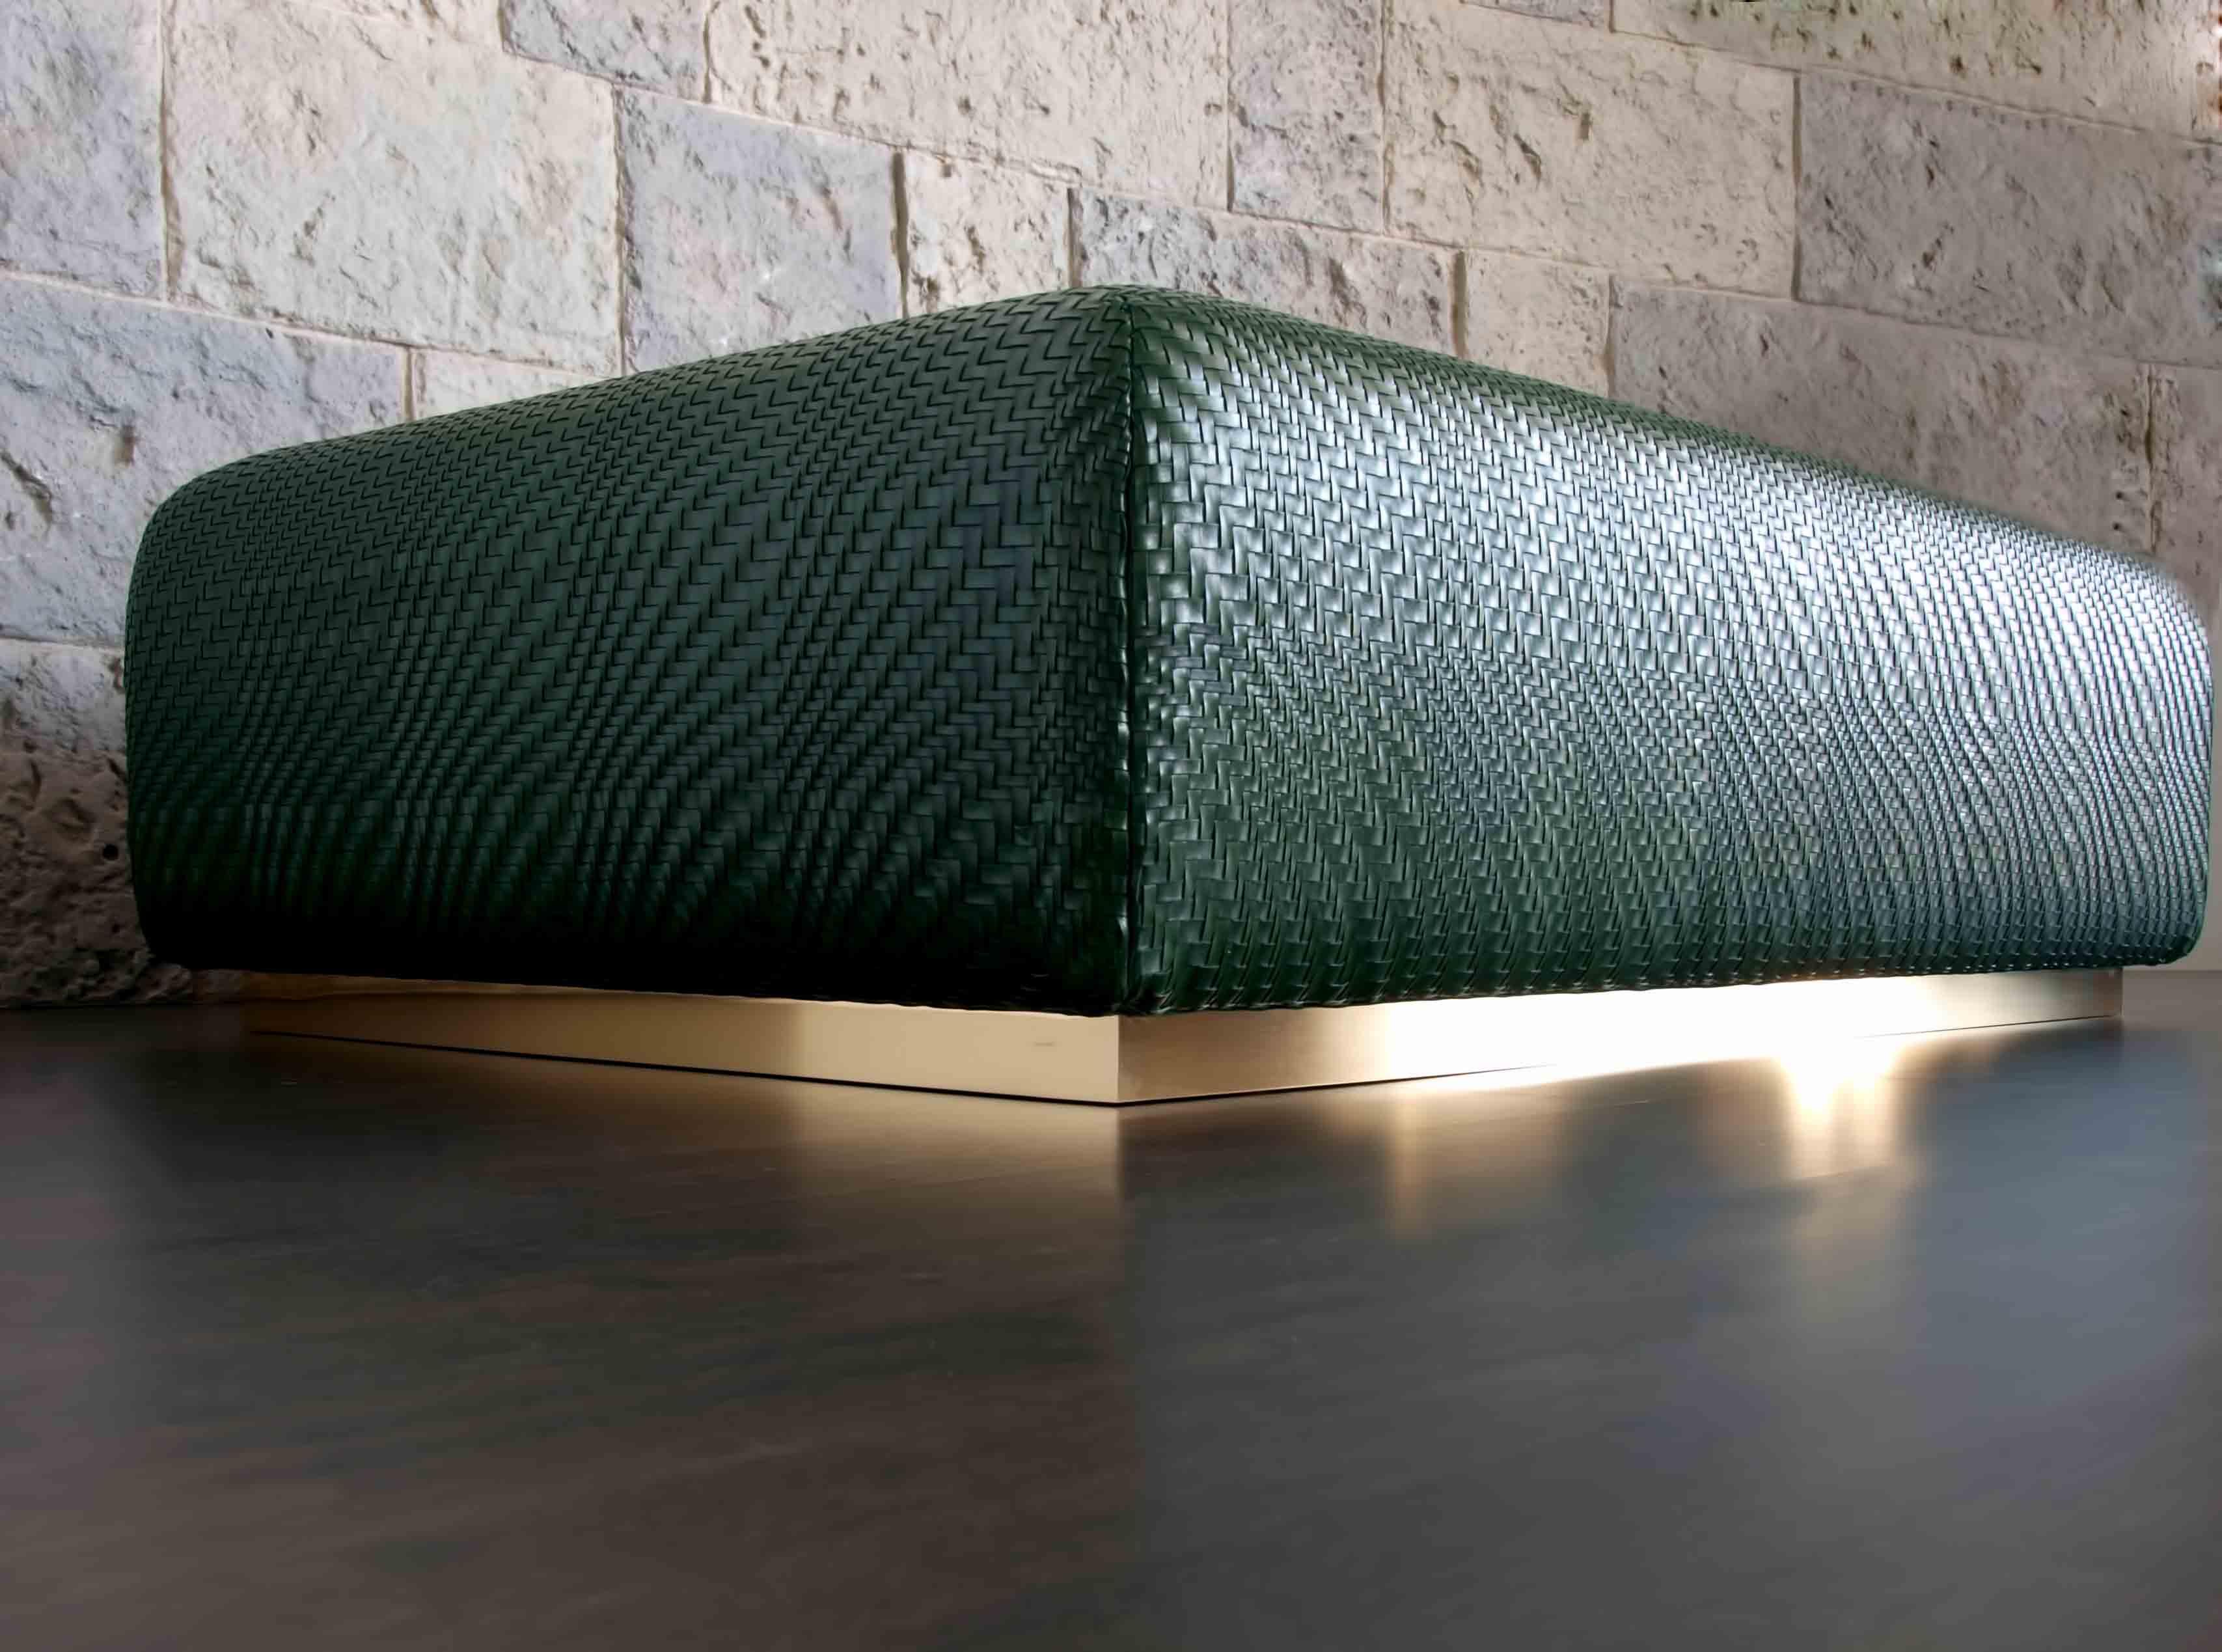 viarreggio woven leather coffee table ottoman